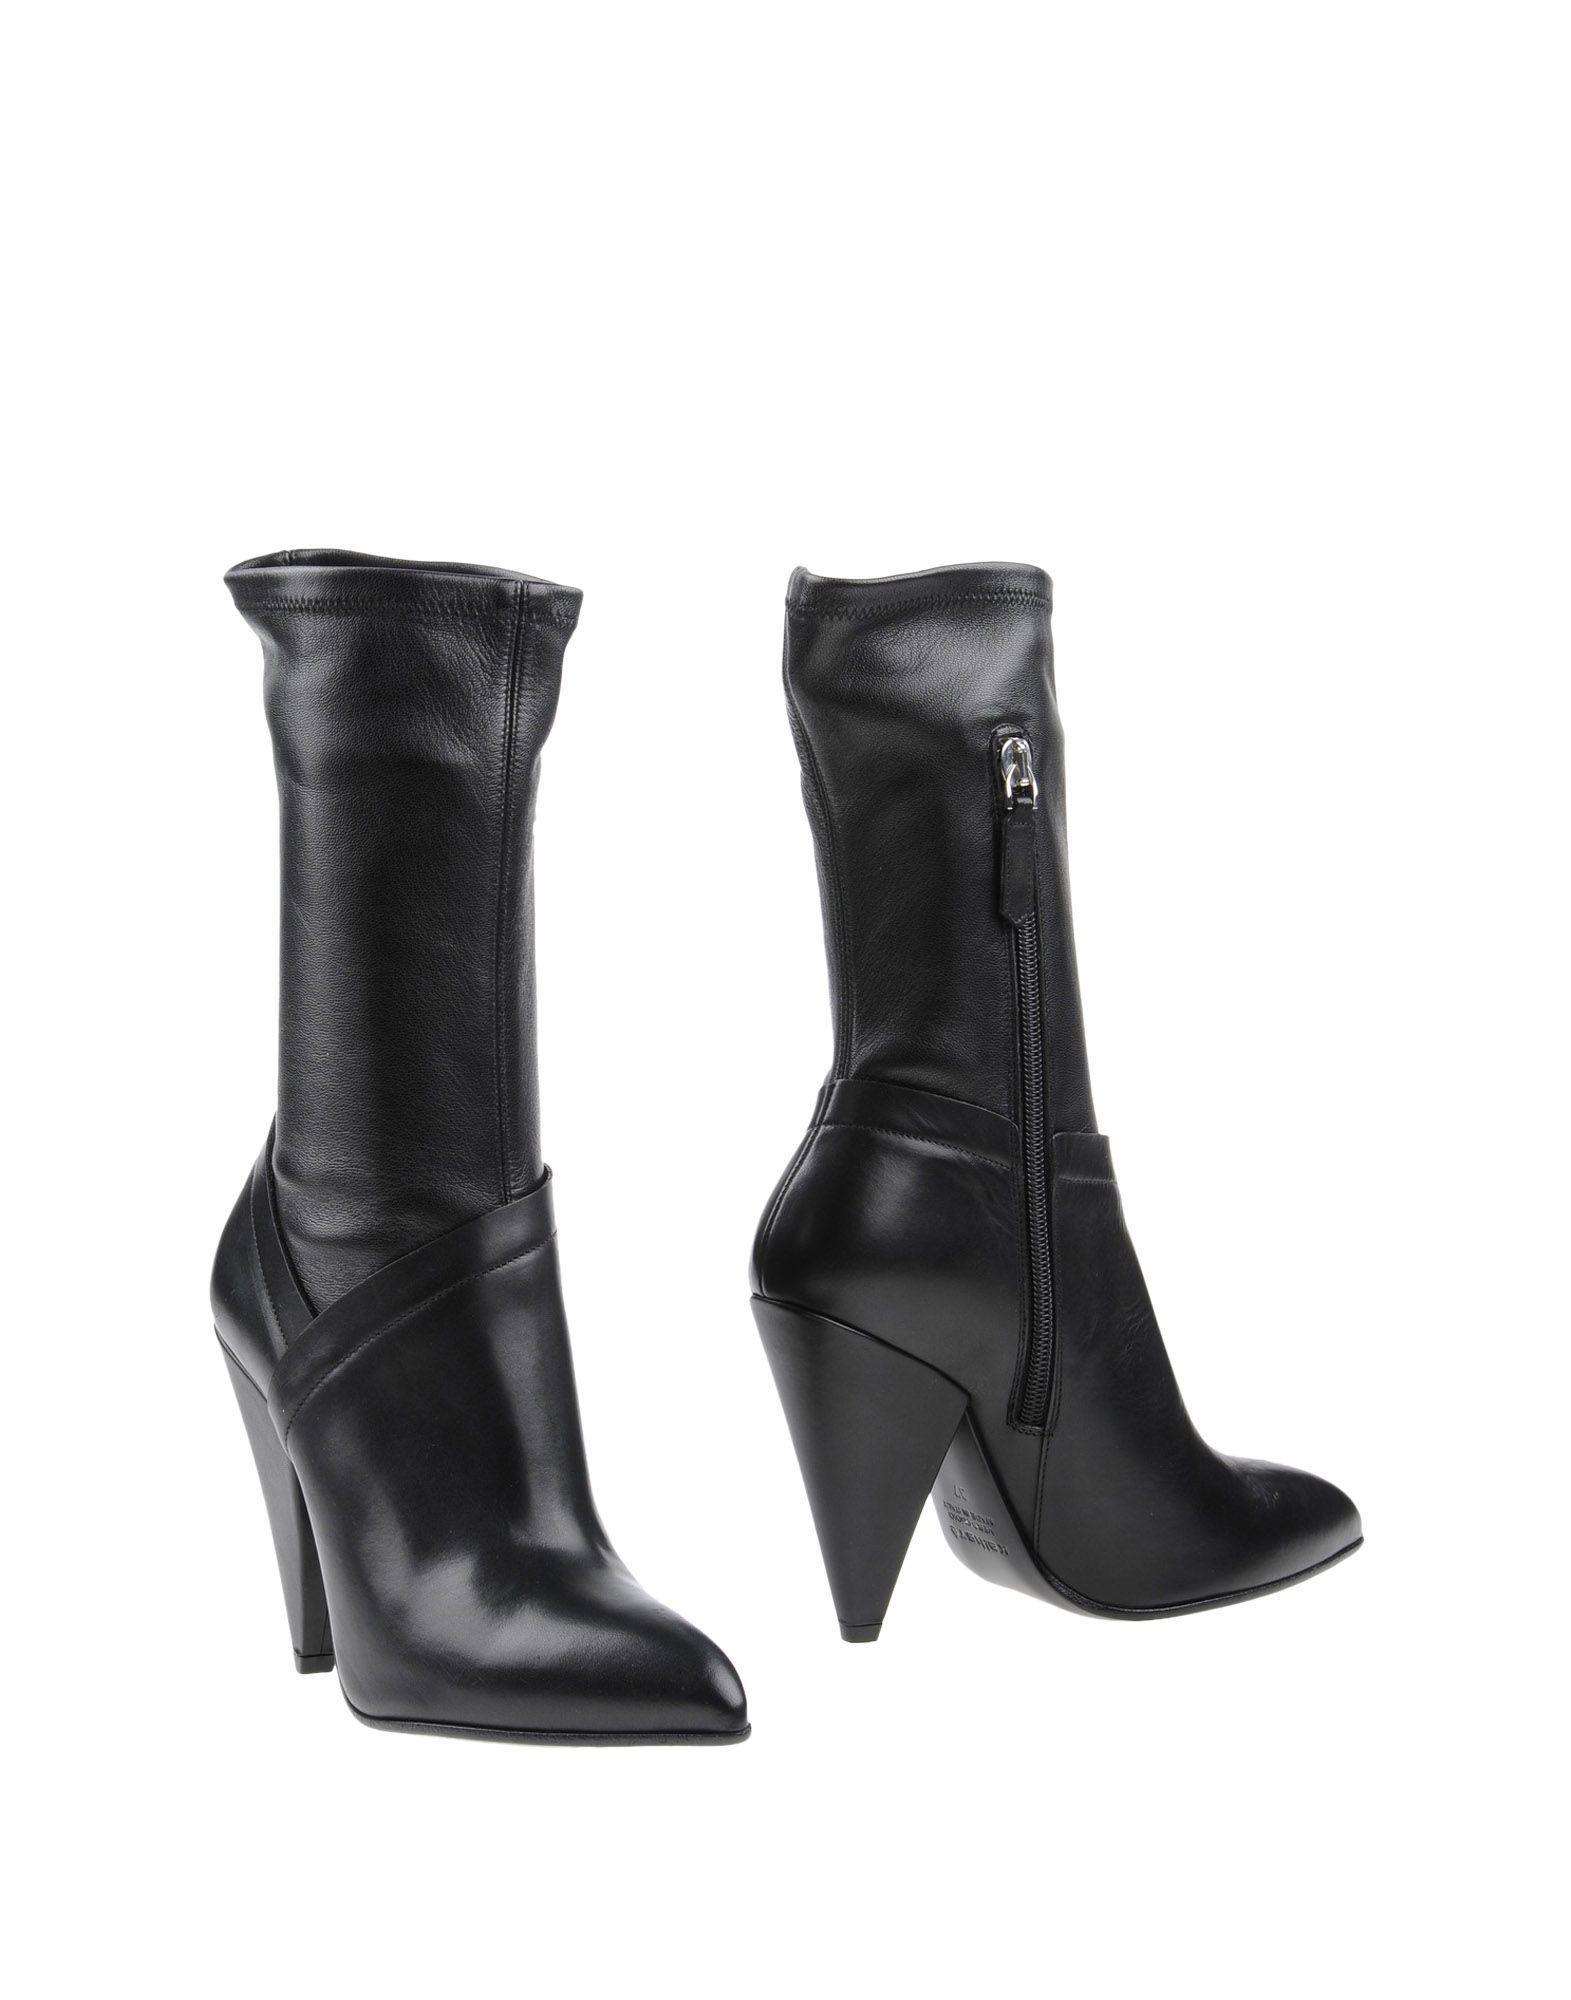 Kallistè Stiefelette Damen  11359984LV Gute Qualität beliebte Schuhe